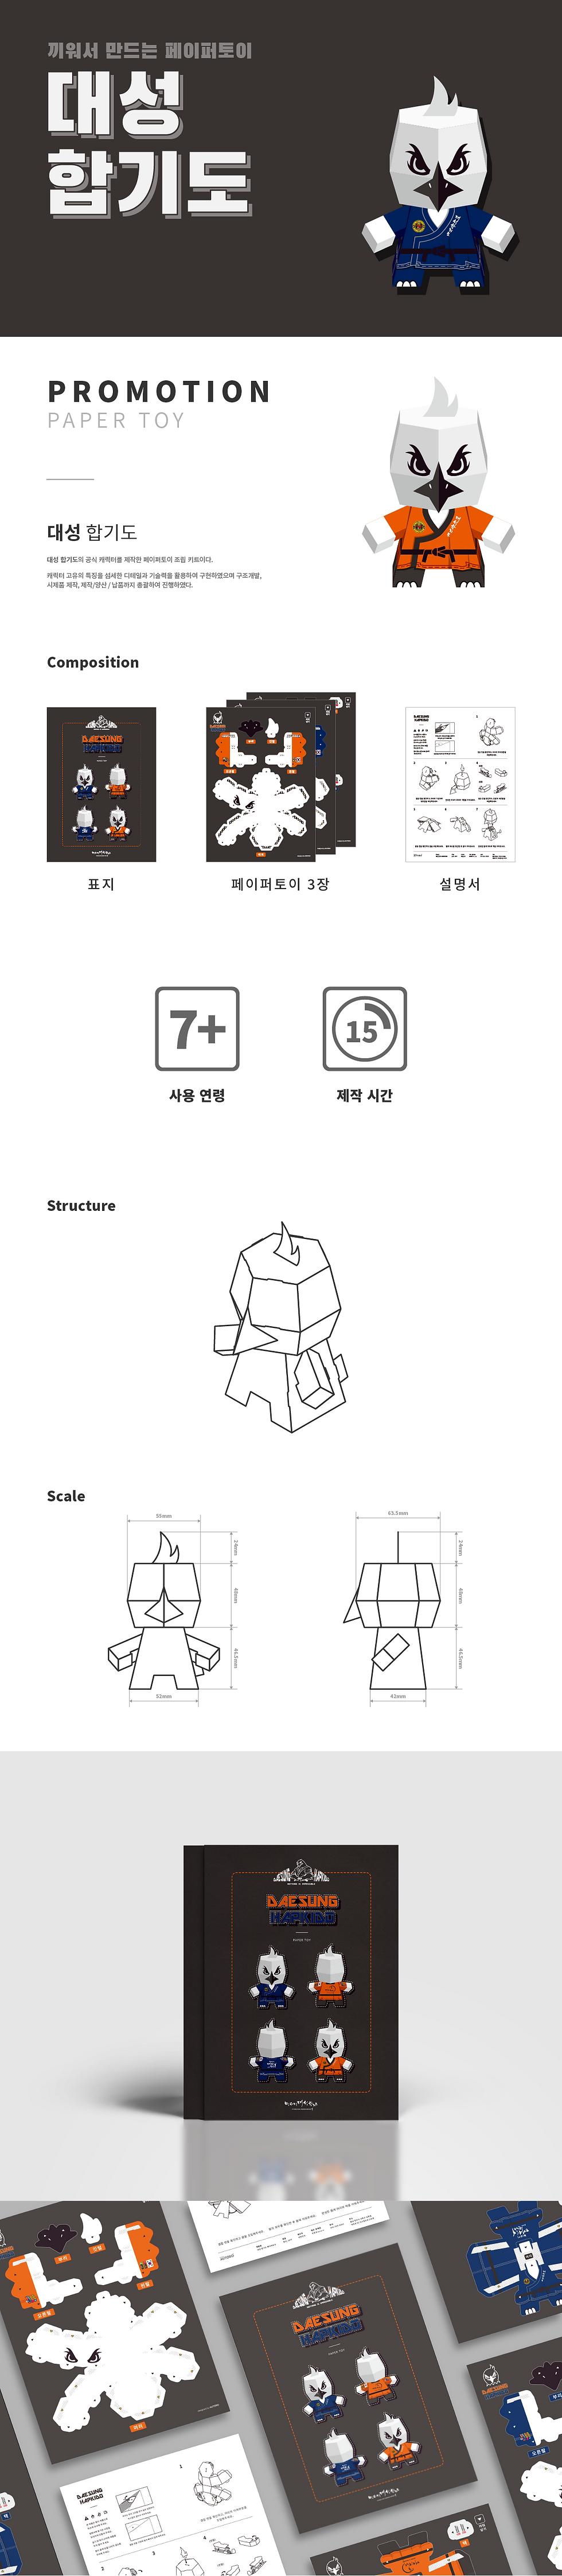 02-23. [2017] 대성합기도_상세페이지.png